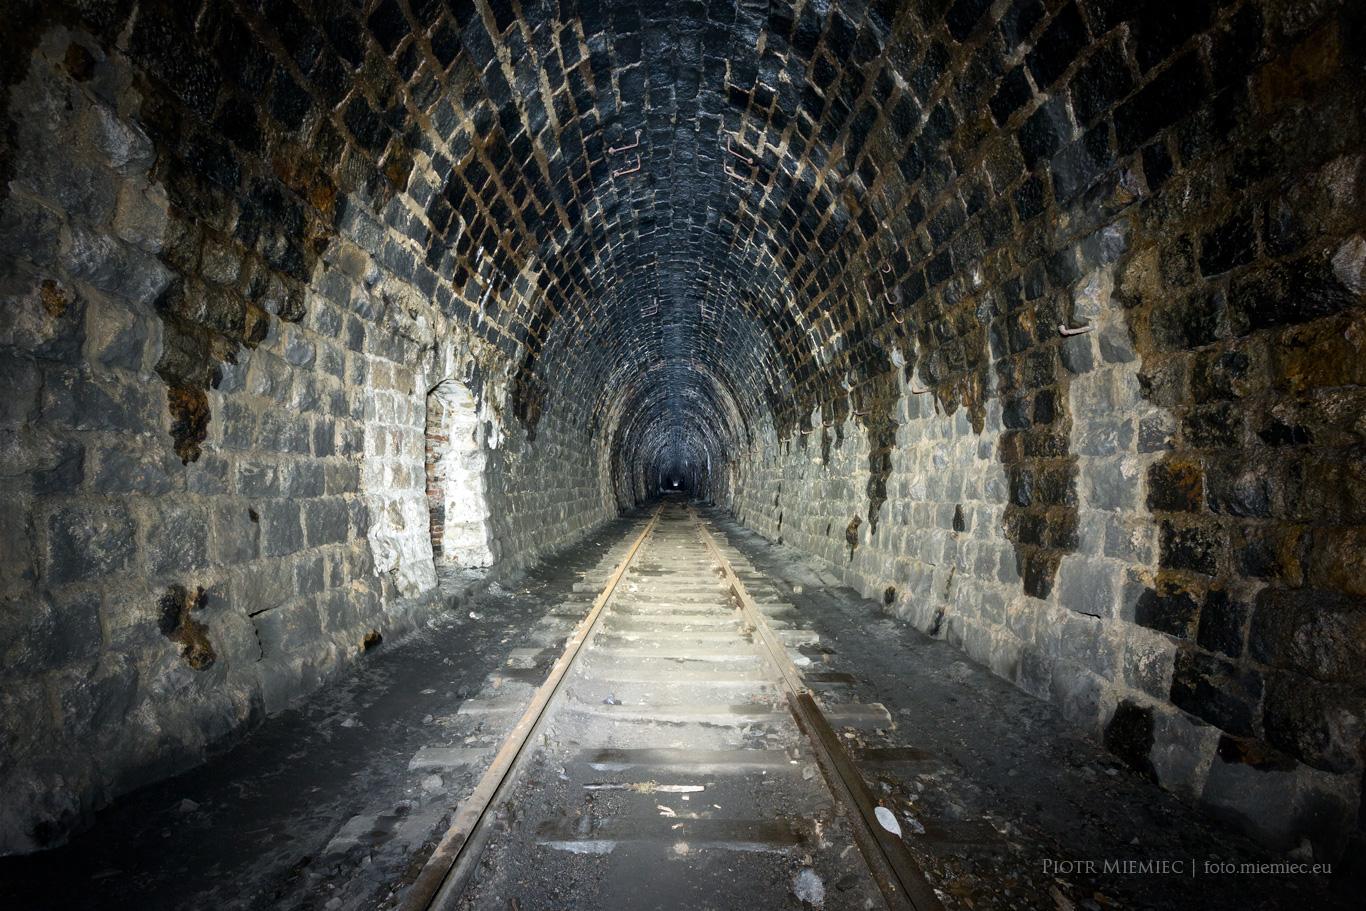 Tunel kolejowy Kowary